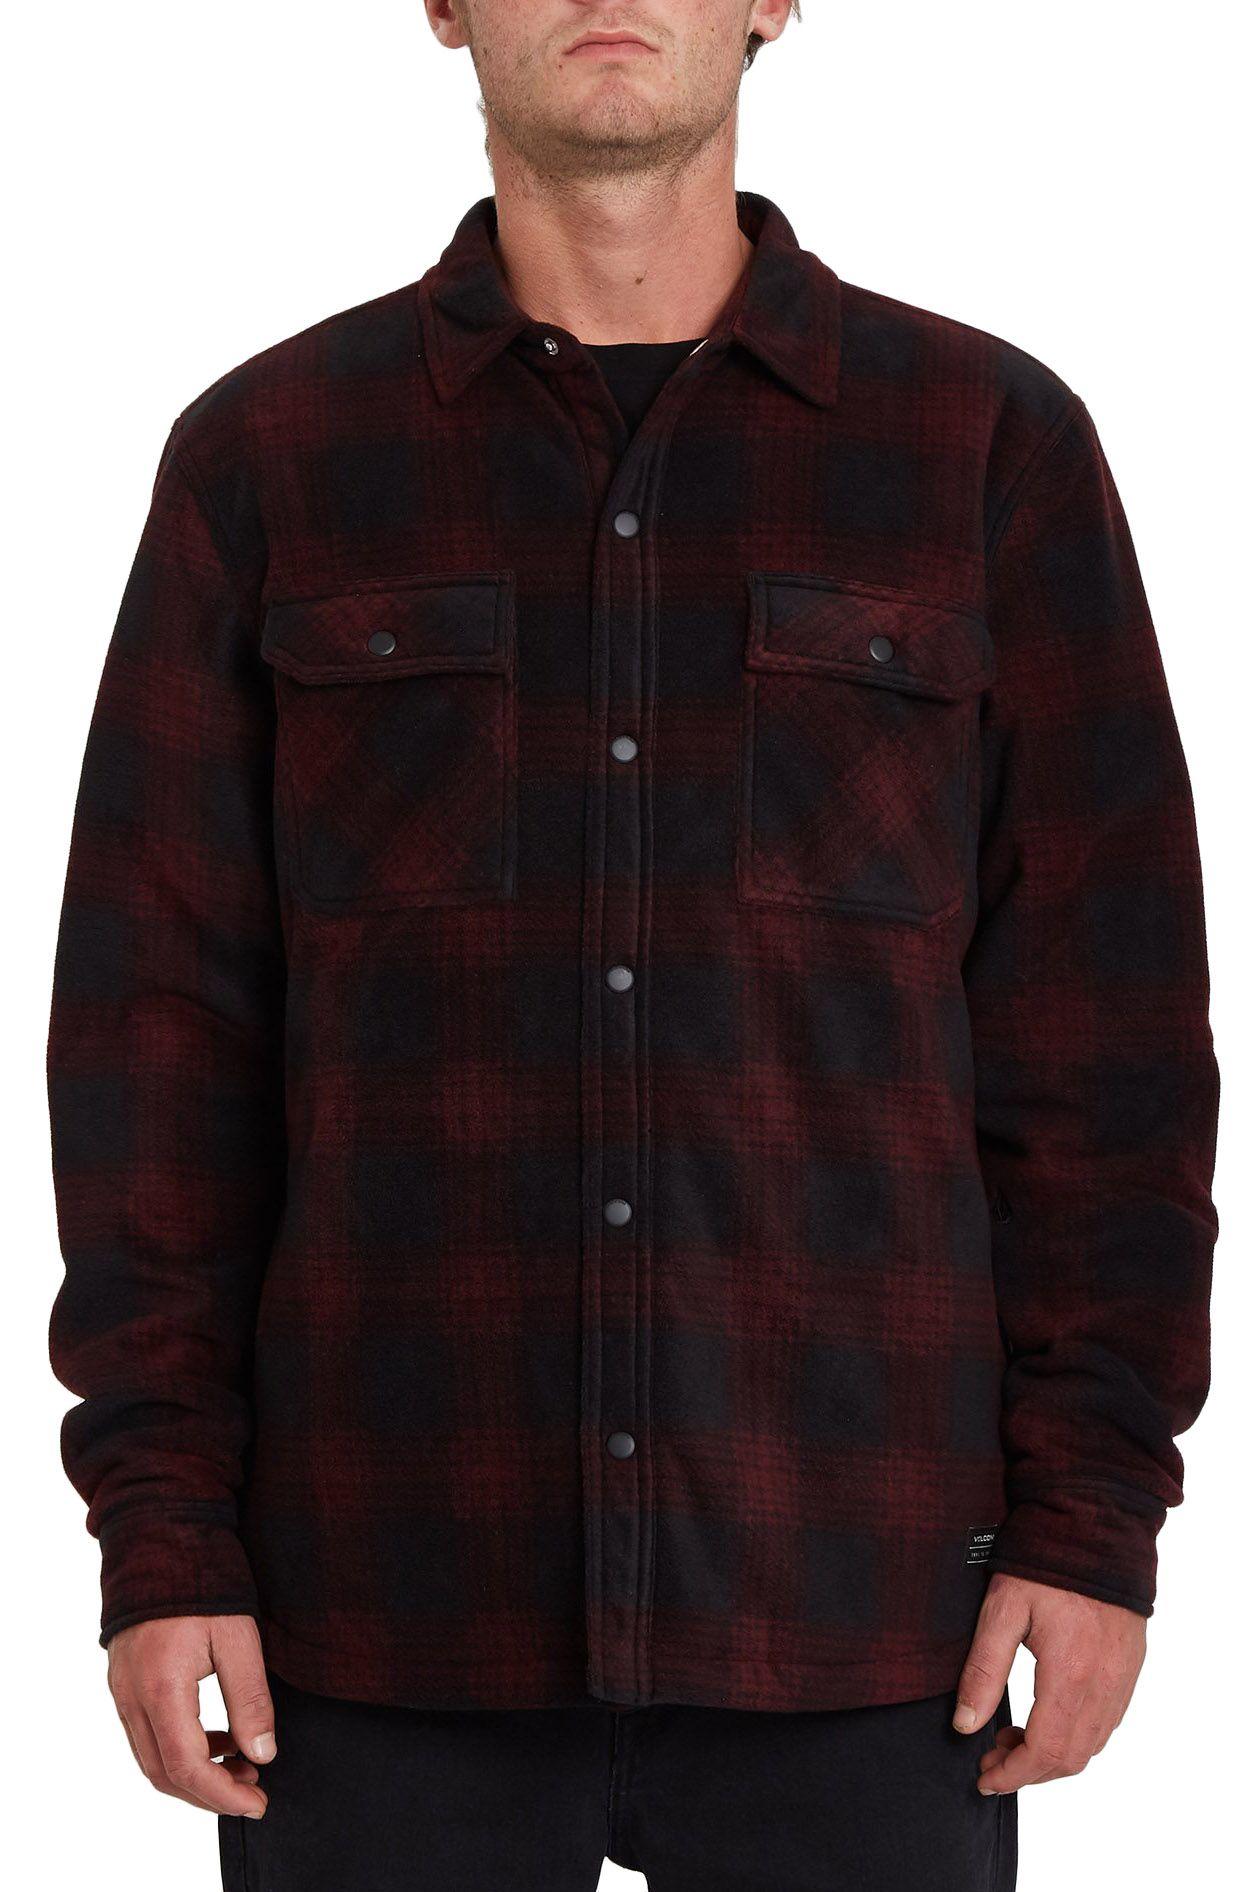 Volcom Shirt BOWERED FLEECE LS Port